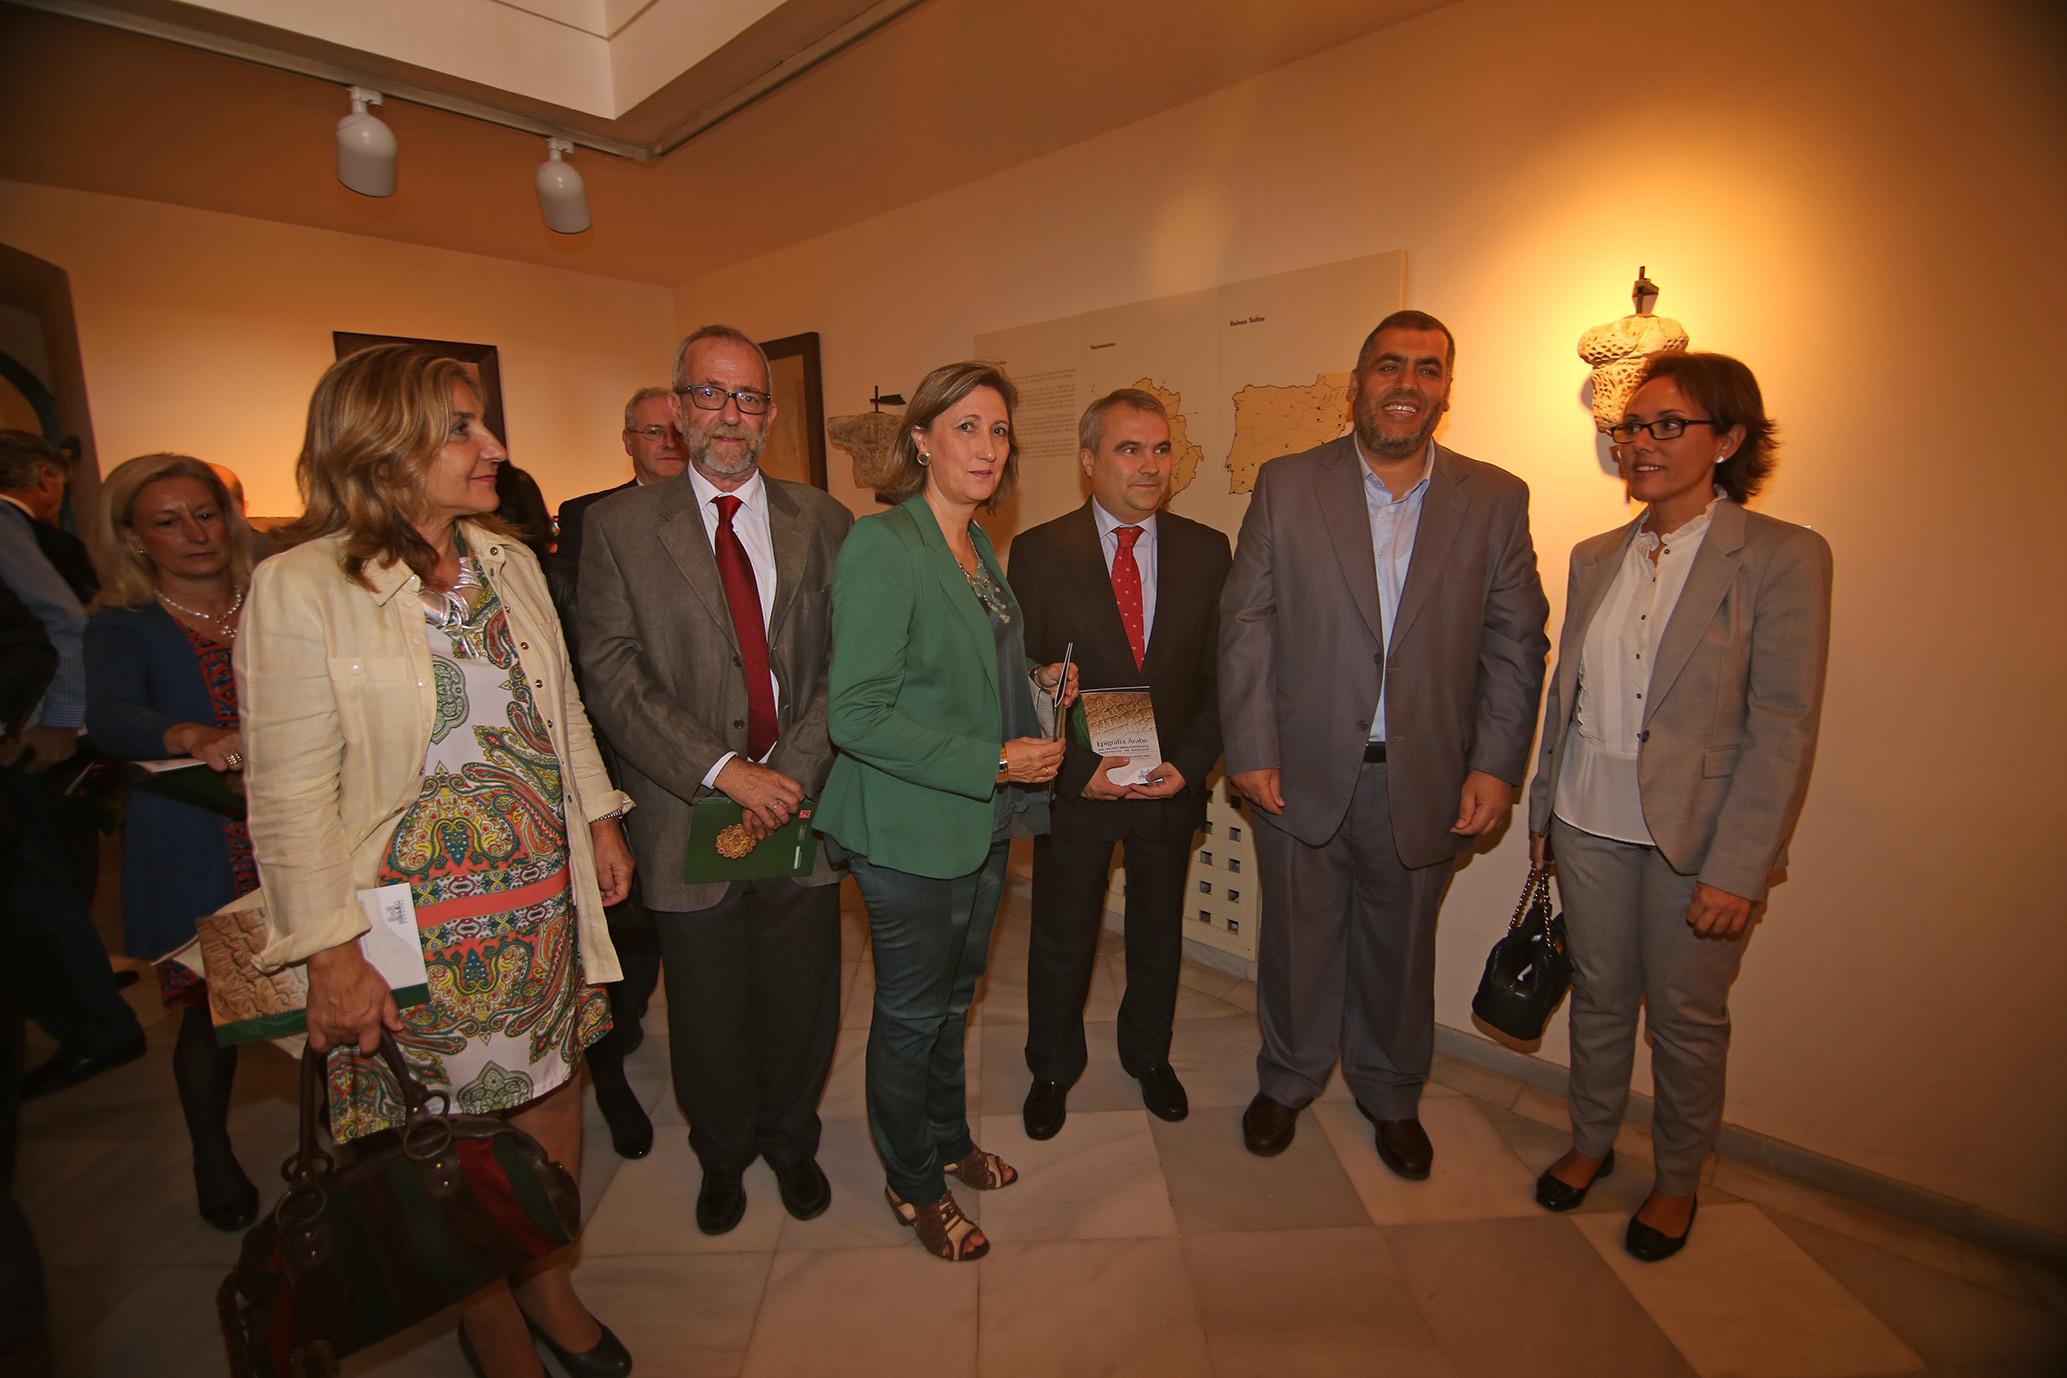 El presidente de UCIDEX , Adel Najjar con la Consejera de Educación y Cultura doña Trinidad Nogales , el alcalde de Badajoz  Francisco Javier Fragoso Martínez ( Foto Santiago )